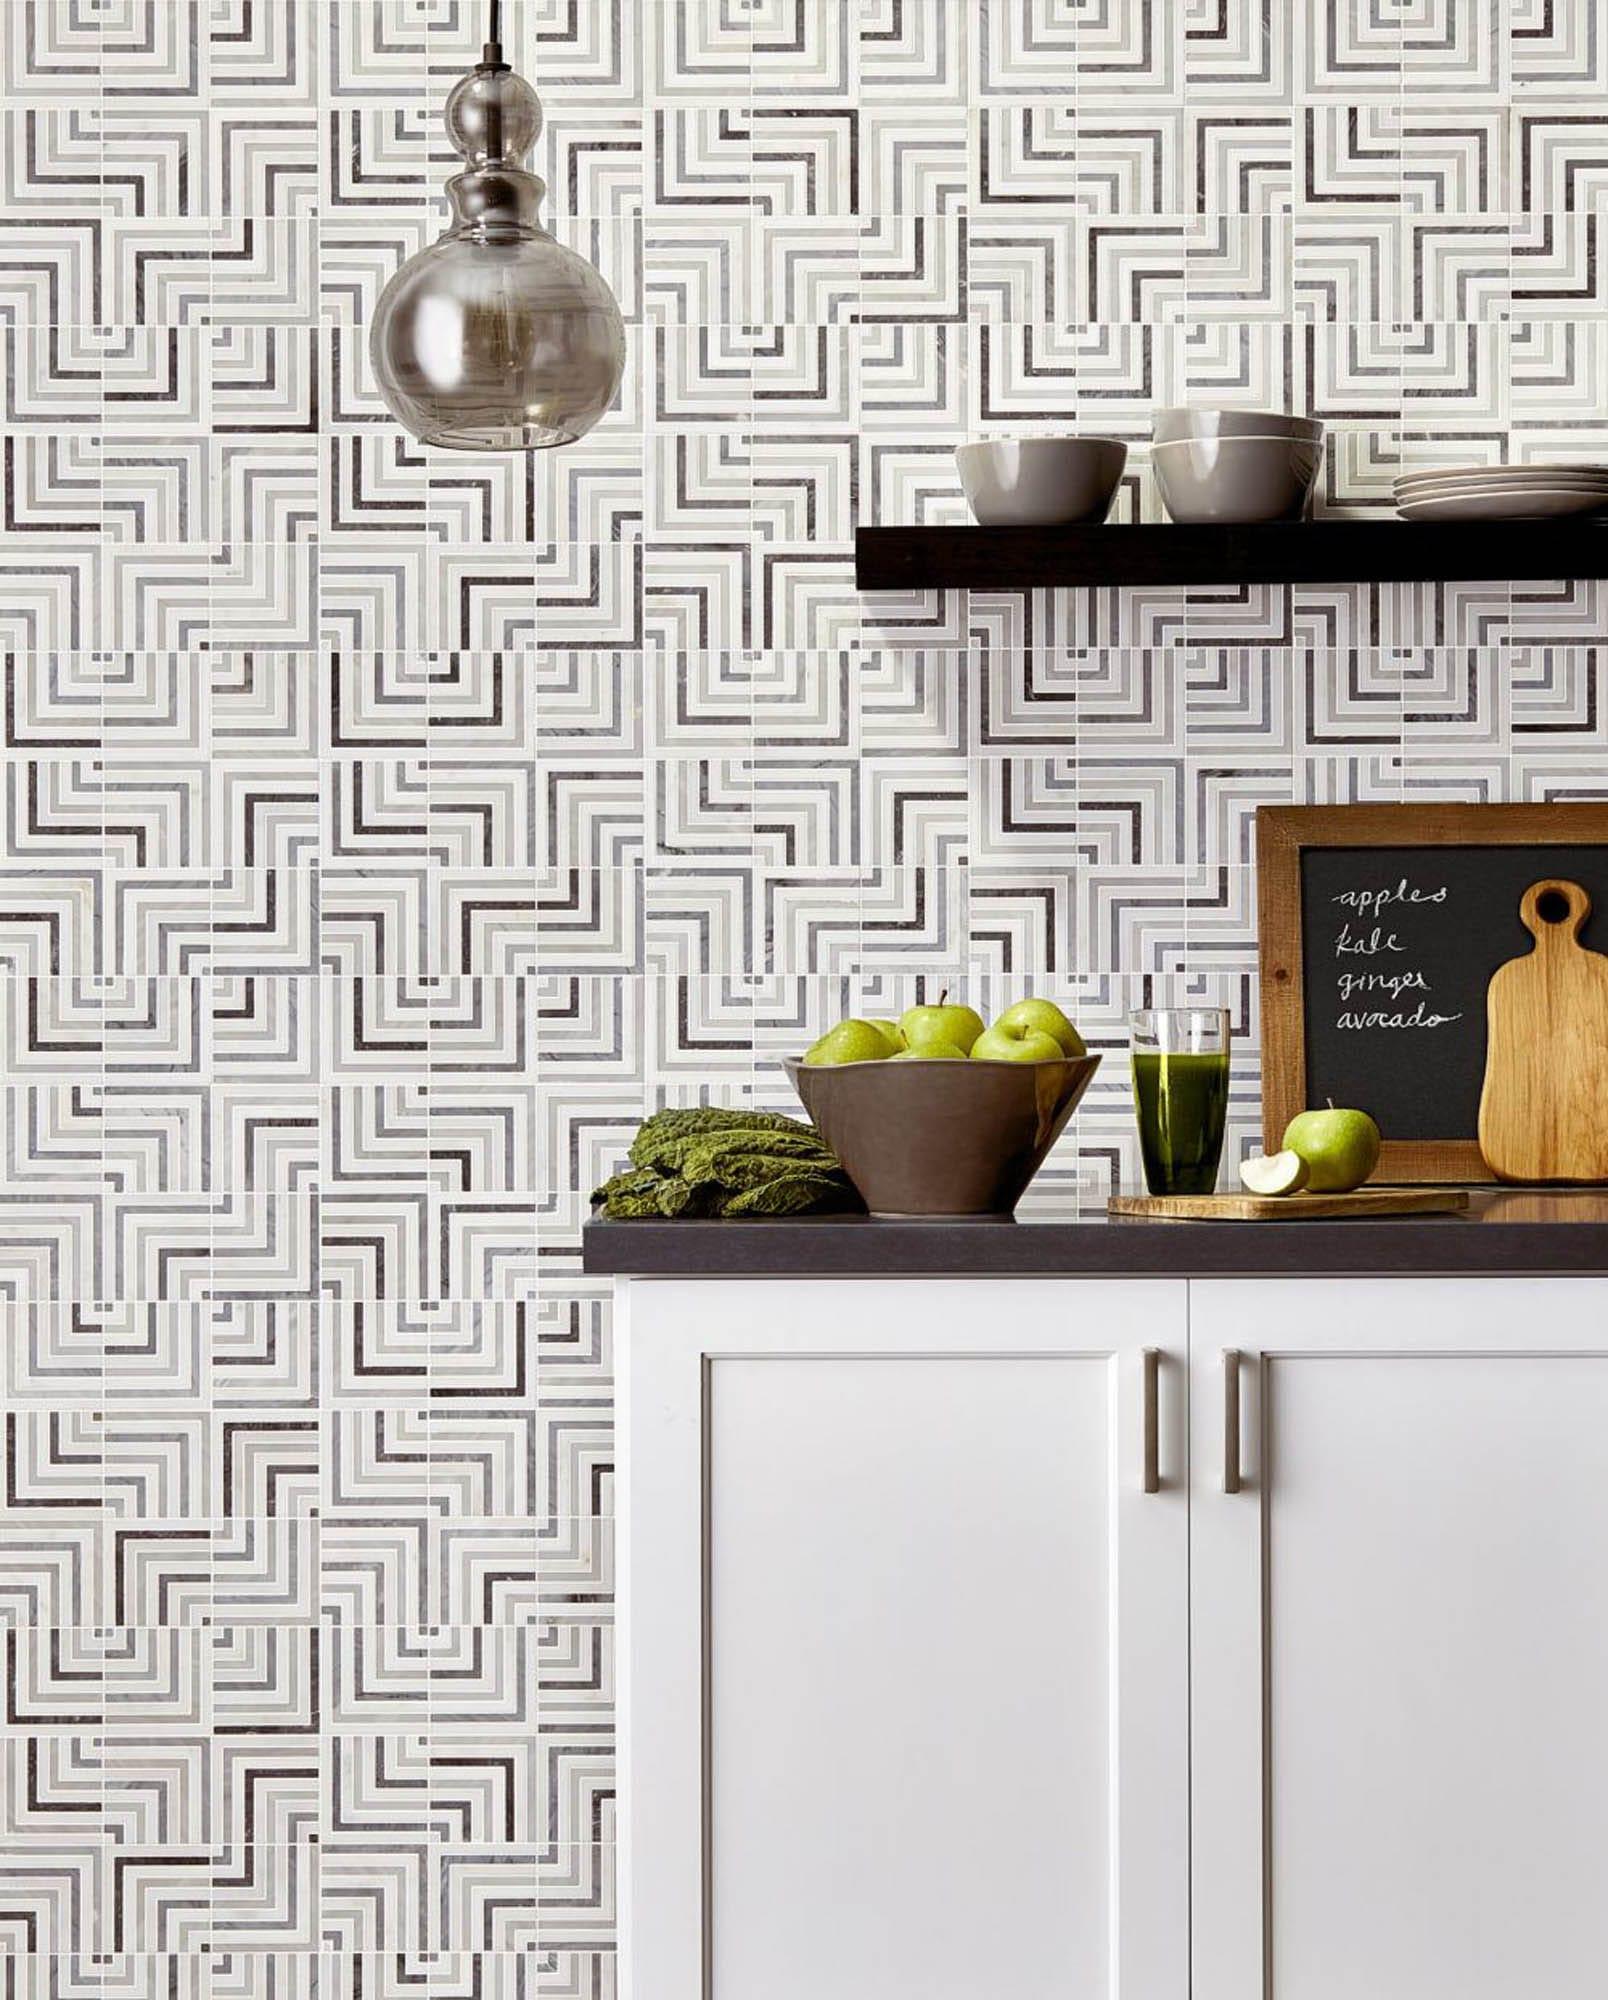 Waterjet mosaic kitchen wall tile